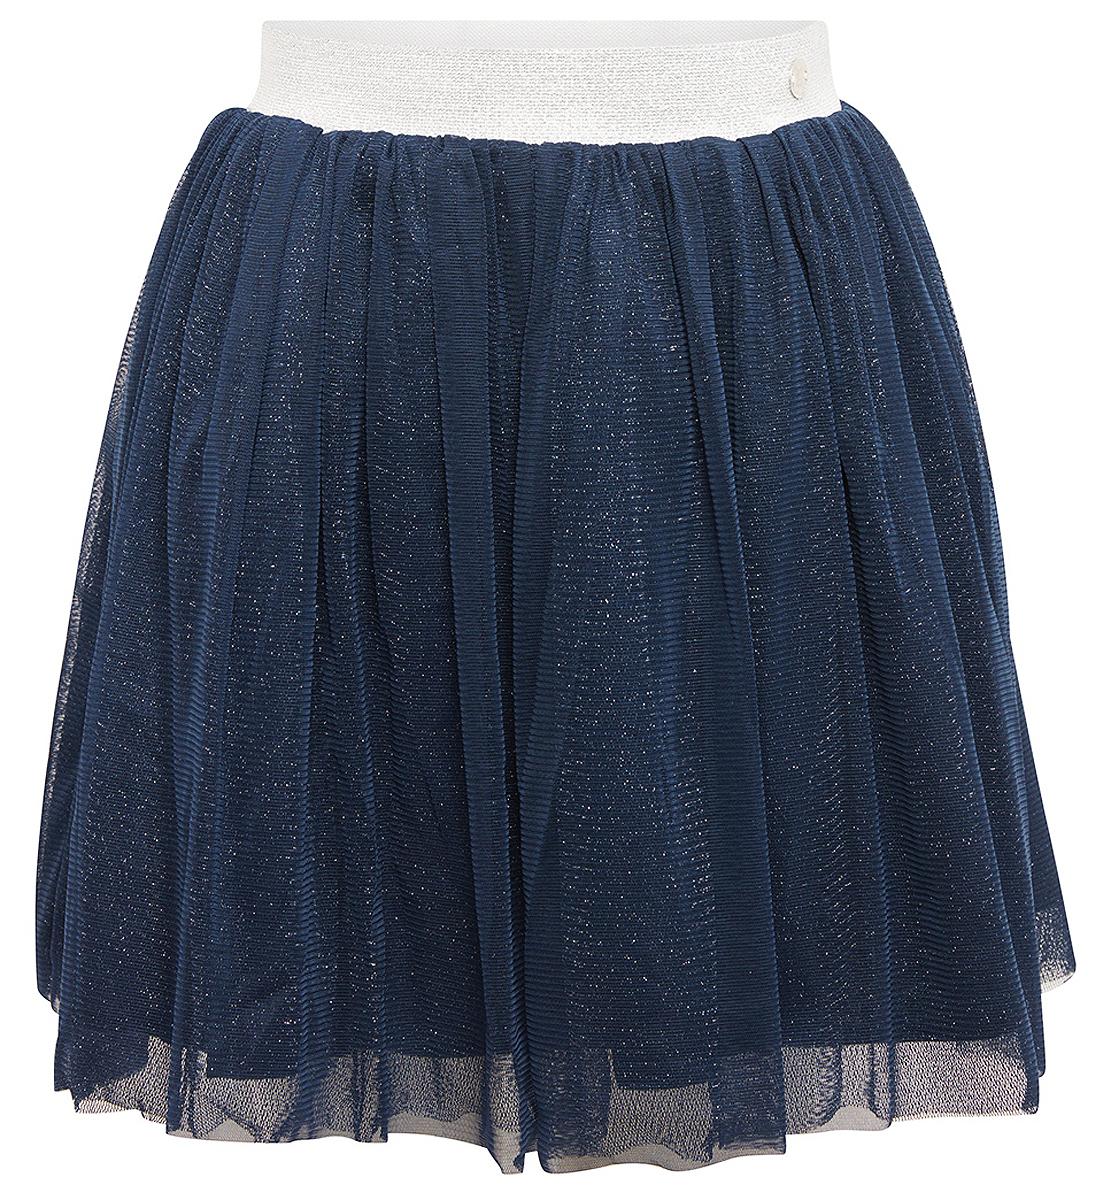 Юбка для девочки Tom Tailor, цвет: синий. 5513521.00.81_6519. Размер 104/1105513521.00.81_6519Юбка для девочки от Tom Tailor выполнена из высококачественного материала в несколько слоев. Модель мини длины на талии дополнена широким эластичным поясом.